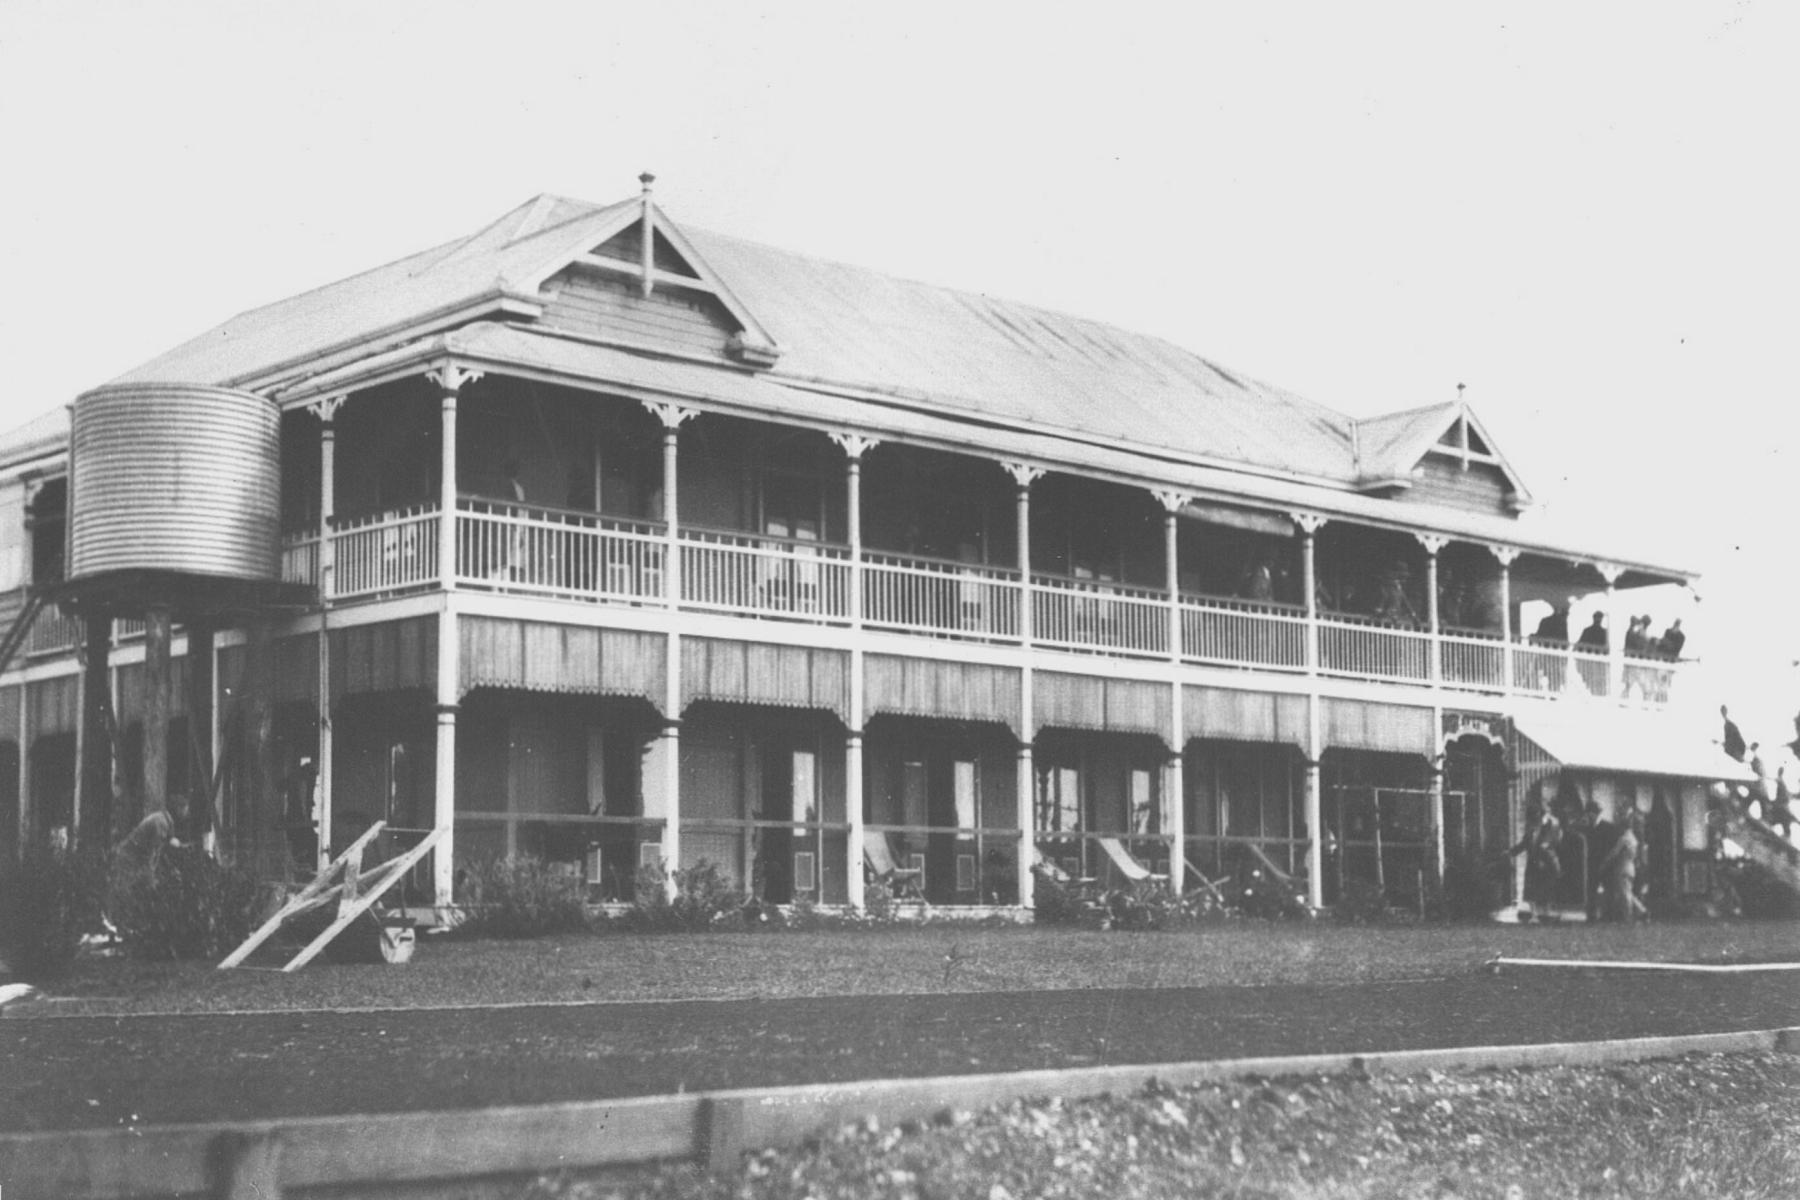 Elston_guesthouse,_built_c.1900[1]